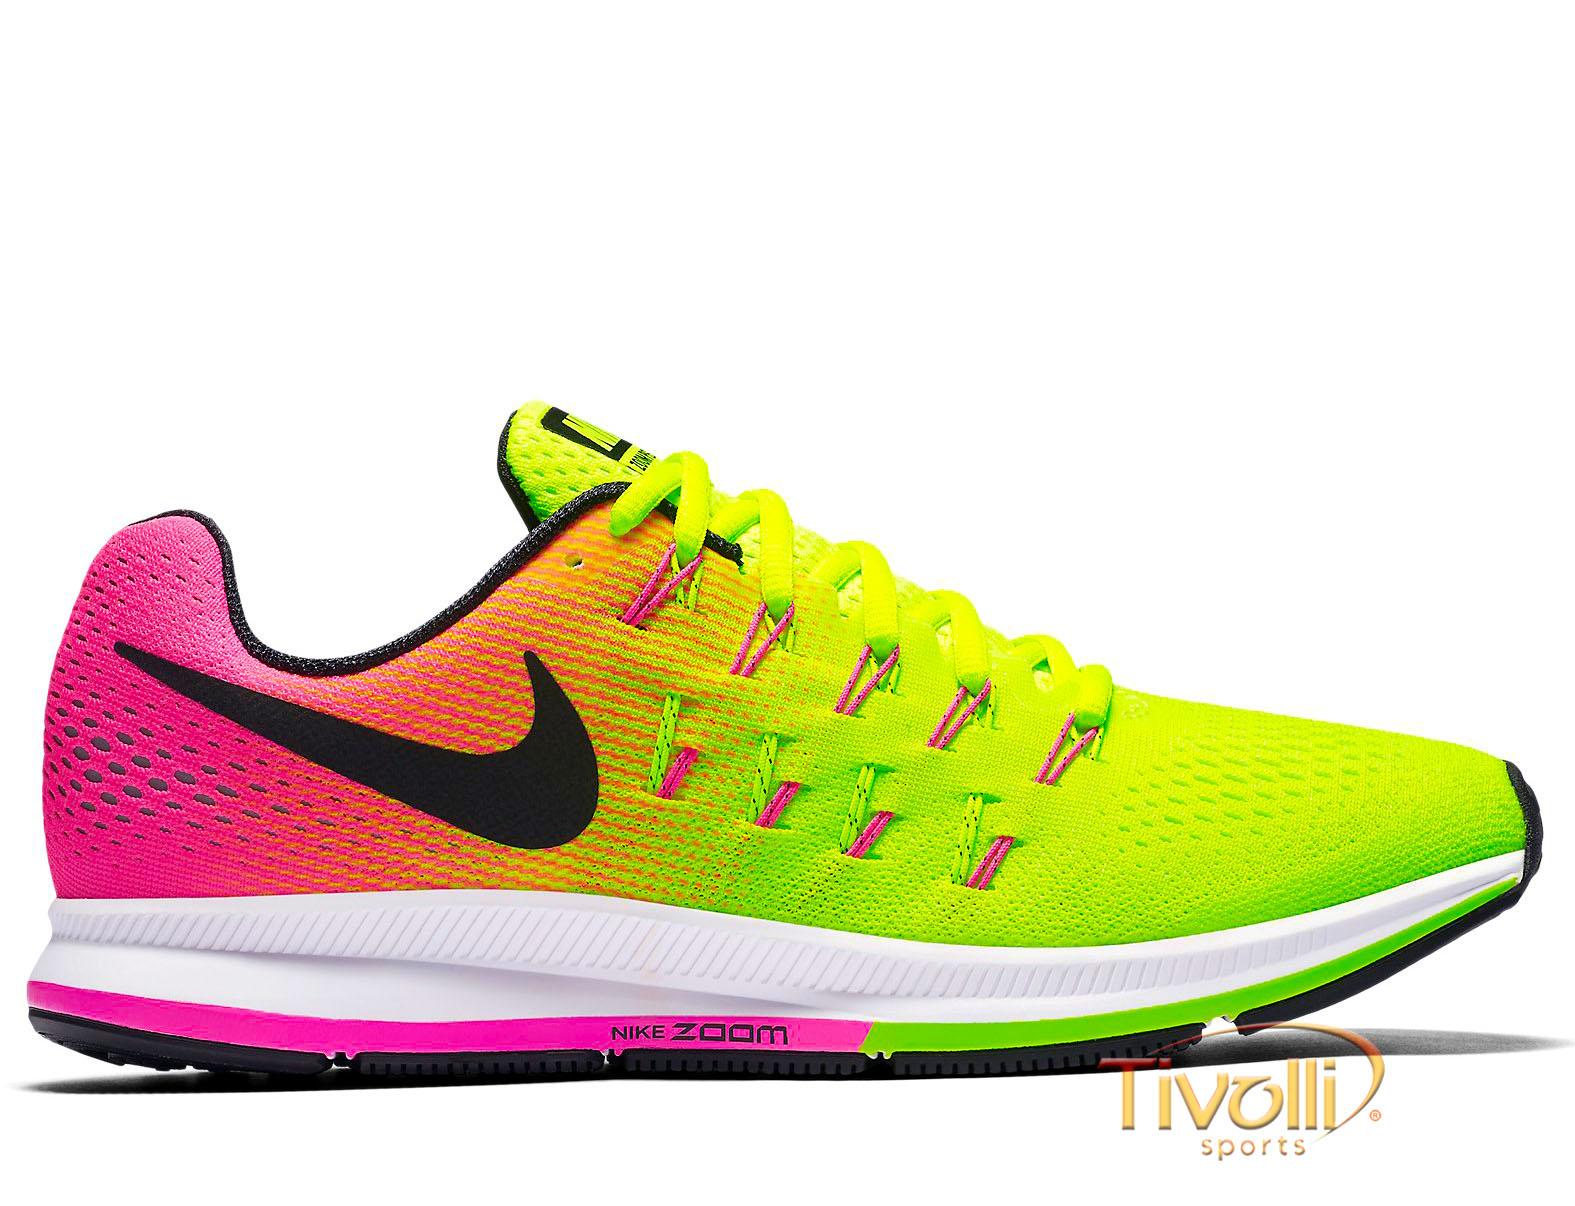 47a6db46b29 Tênis Nike Air Zoom Pegasus 33 OC